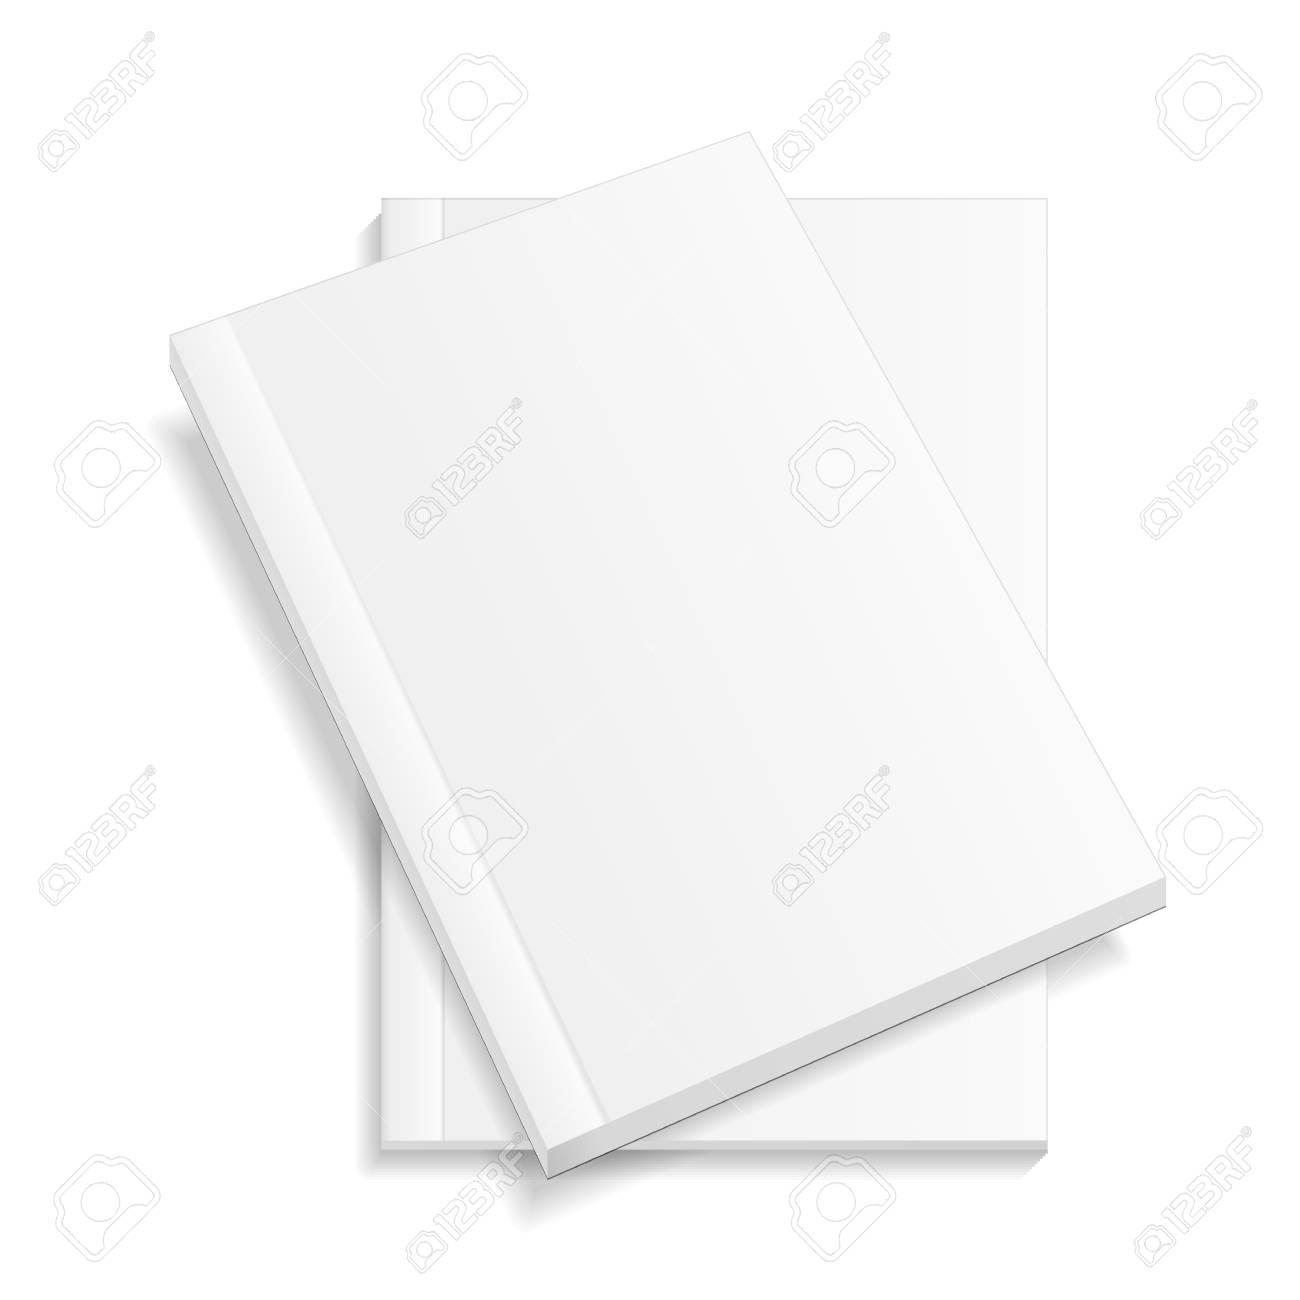 Schön Illustrator Buch Vorlage Bilder - Beispiel Wiederaufnahme ...